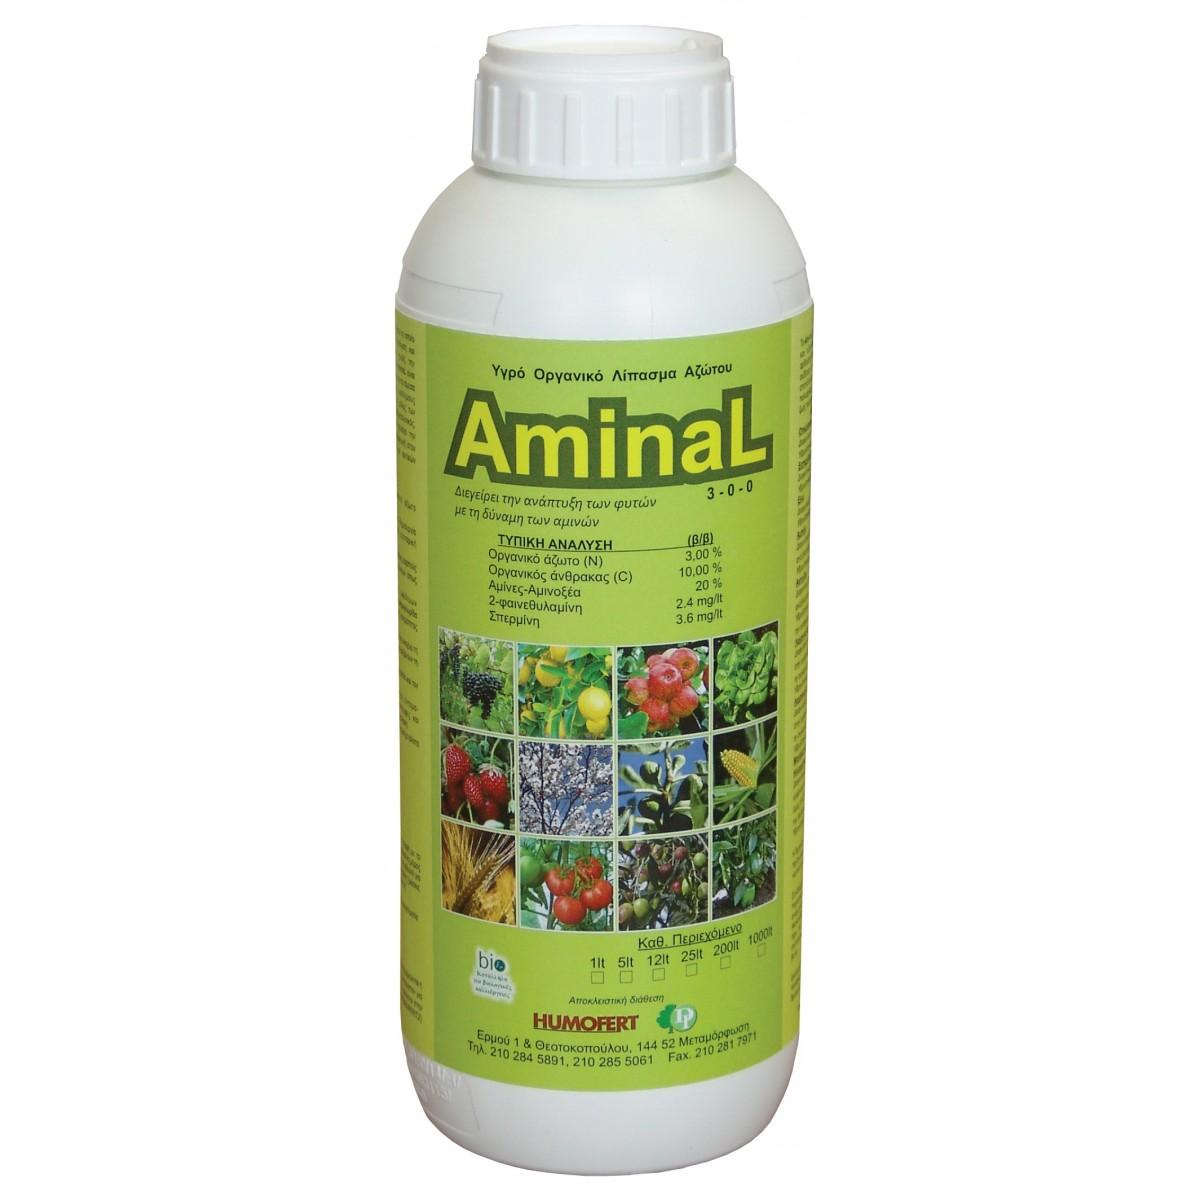 AminaL 1LT Υγρό Οργανικό λίπασμα Αζώτου 3-0-0